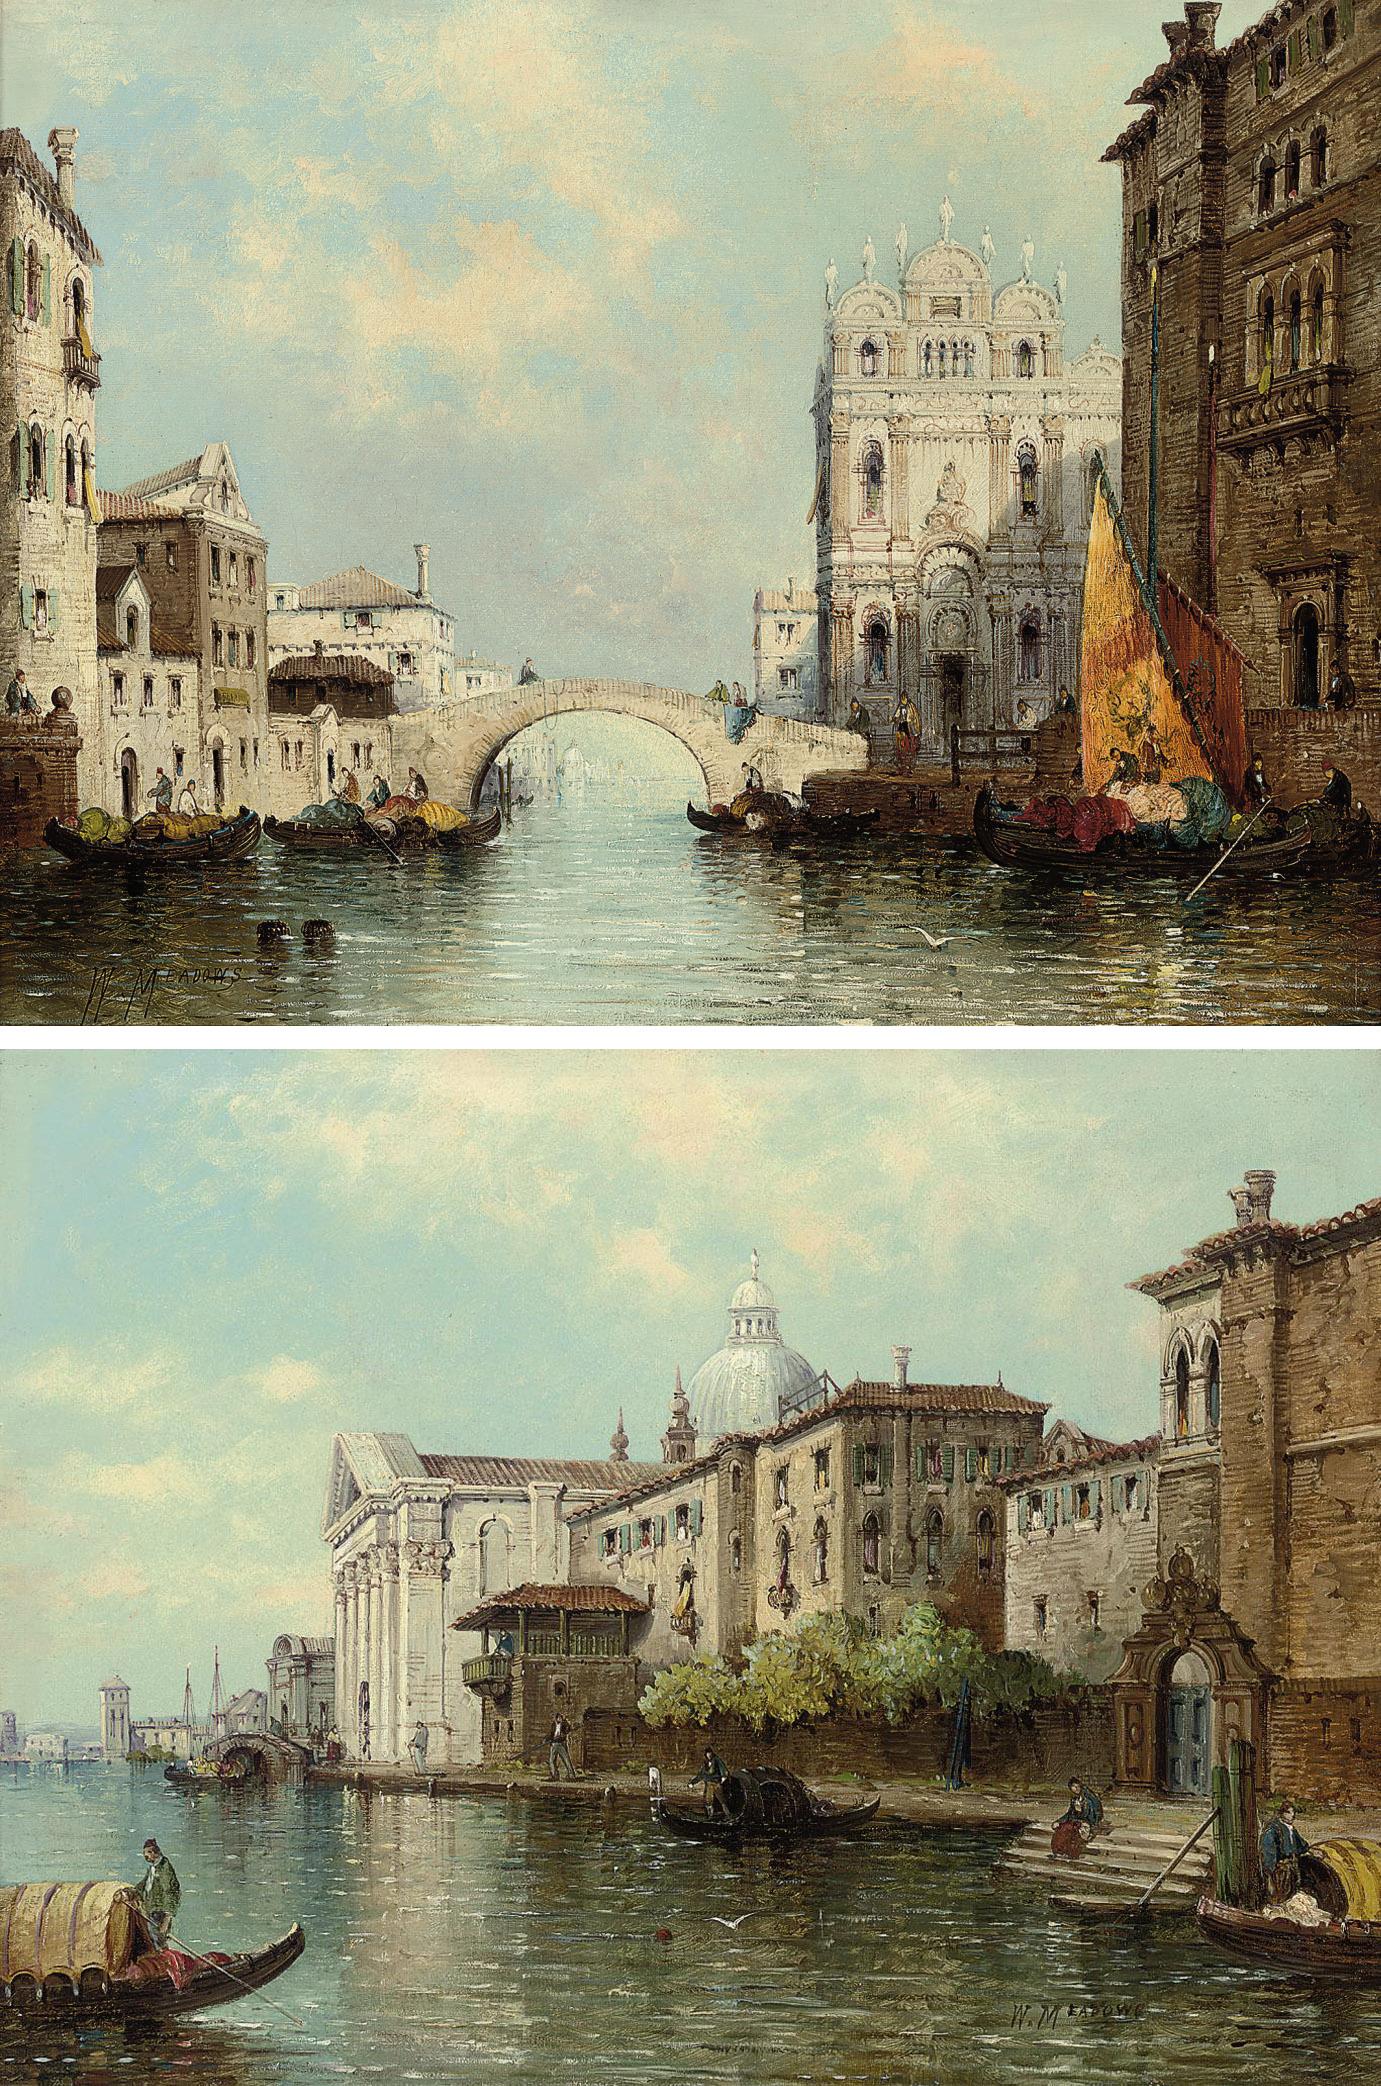 A Venetian capriccio; and Gondolas on a canal